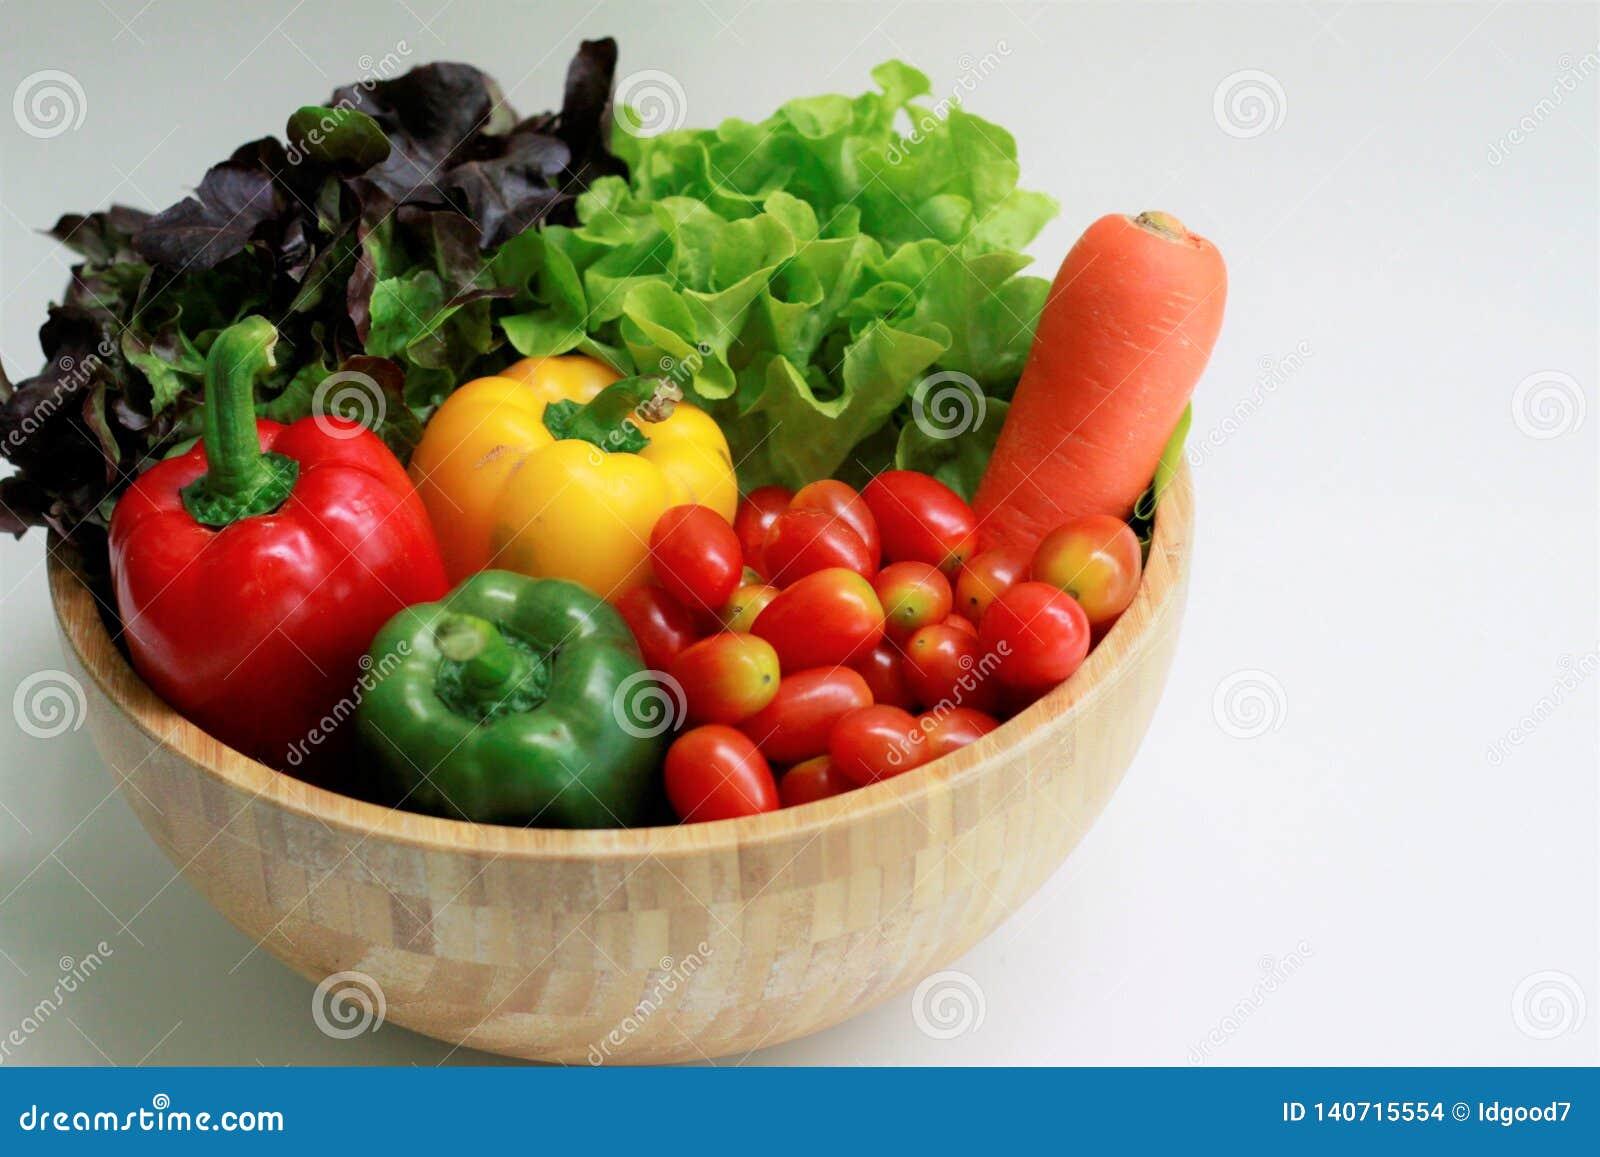 Stäng sig upp av nya grönsaker i en träbunke, den gröna eken, den röda eken, moroten, spanska peppar, körsbärsröda tomater